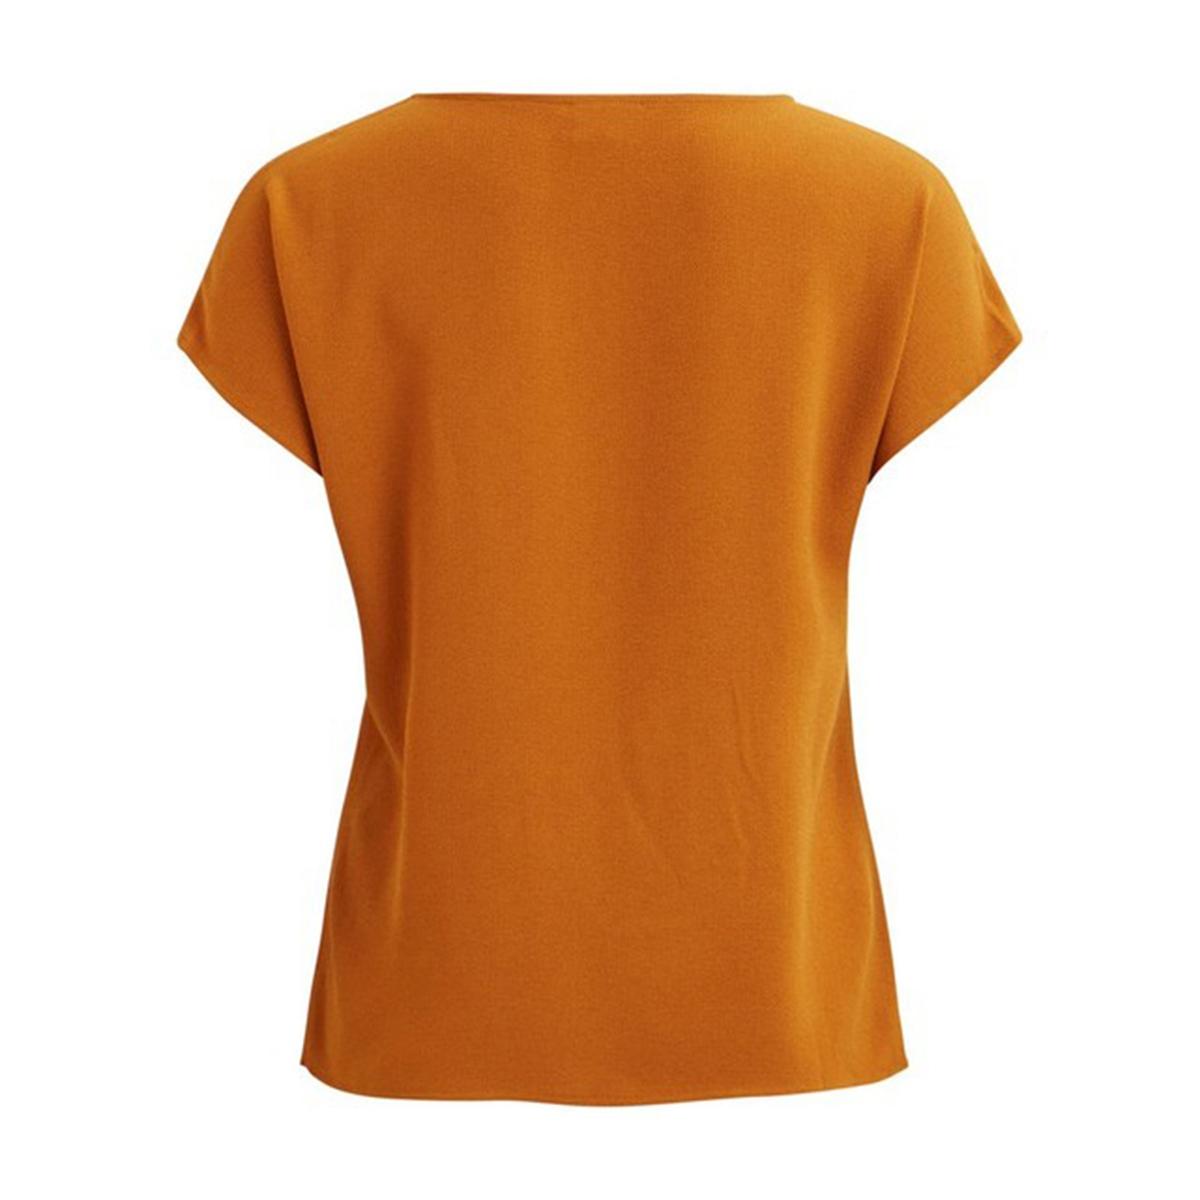 Блузка La Redoute С короткими рукавами и завязками спереди 34 (FR) - 40 (RUS) каштановый бушлат la redoute с рисунком клетка 34 fr 40 rus каштановый